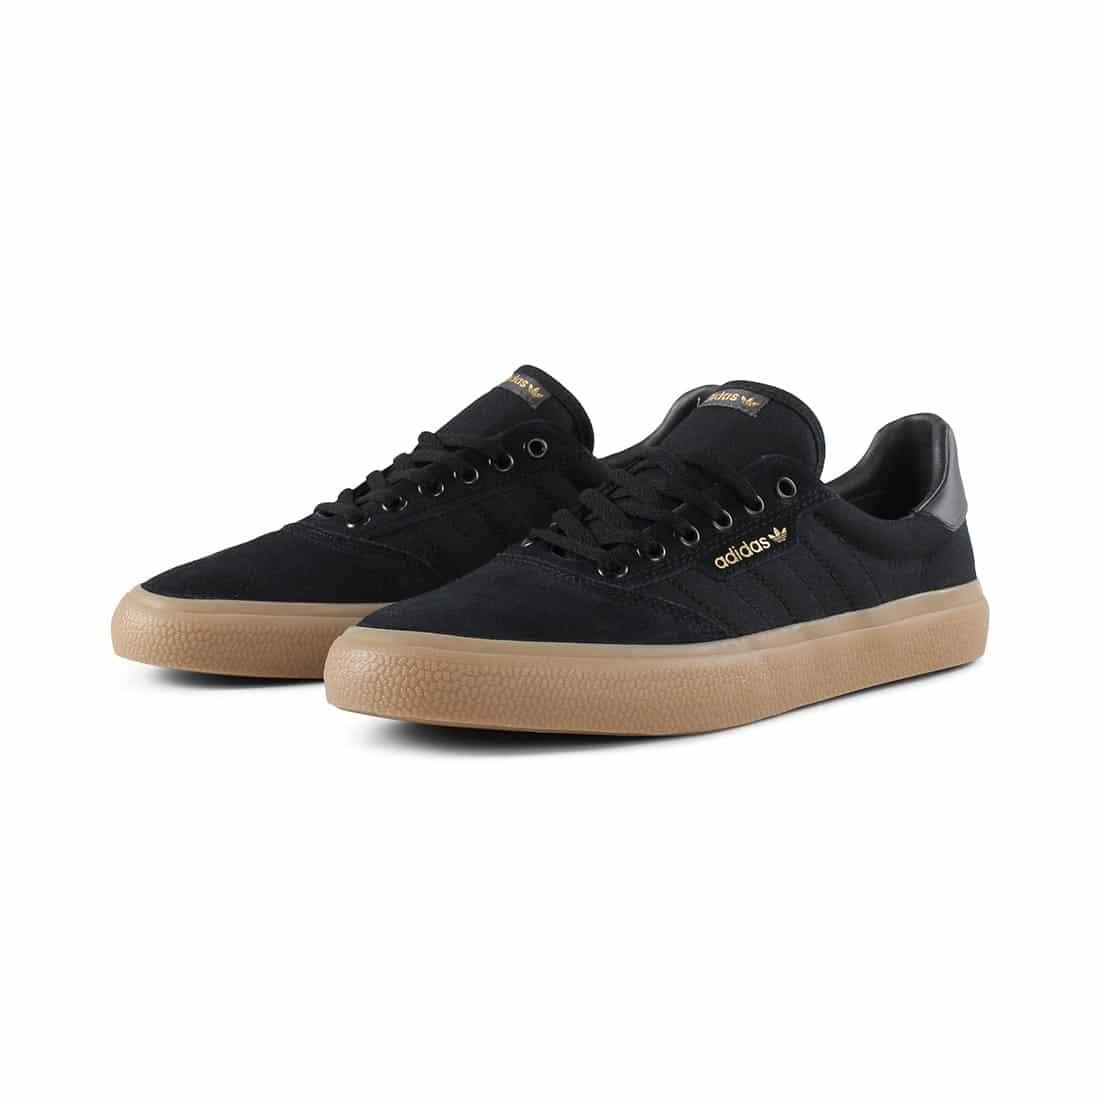 best service c2455 89c8d ... Adidas-3MC-Shoes-Core-Black-DGH-Solid-Grey ...